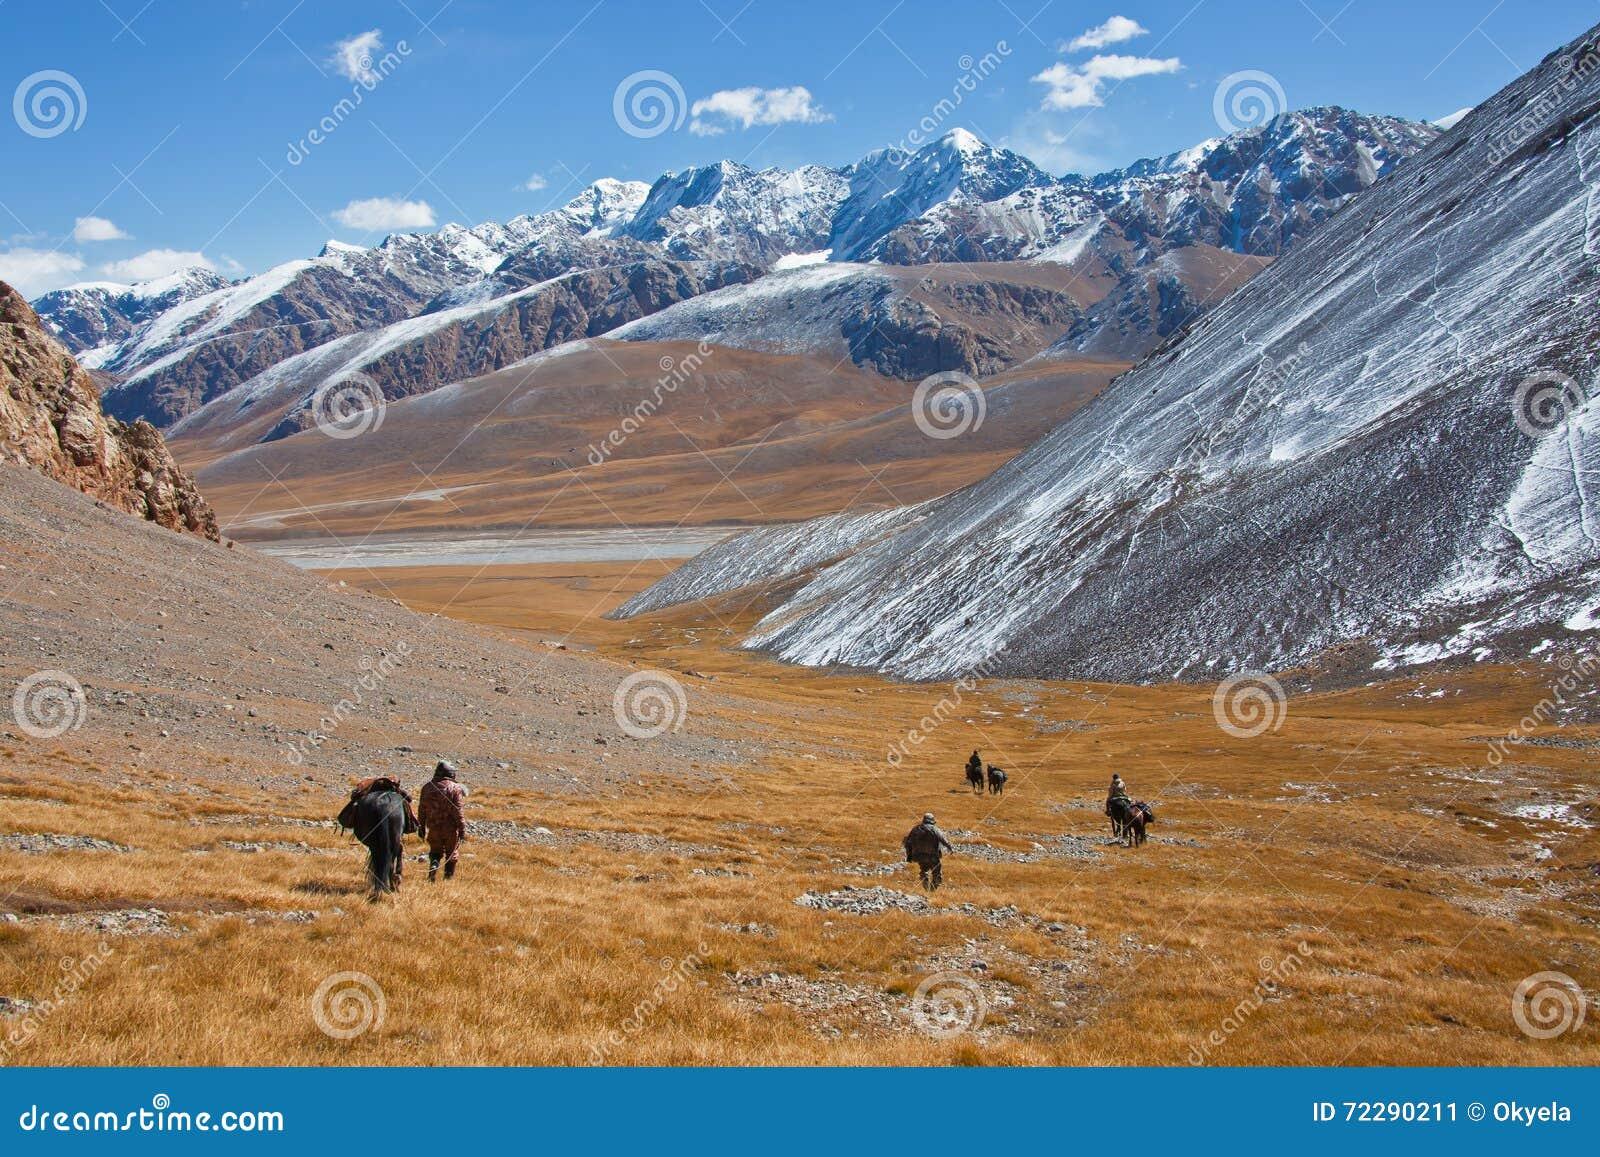 Download Охотники с лошадями спускают от гор в долину Стоковое Изображение - изображение насчитывающей река, взгляды: 72290211